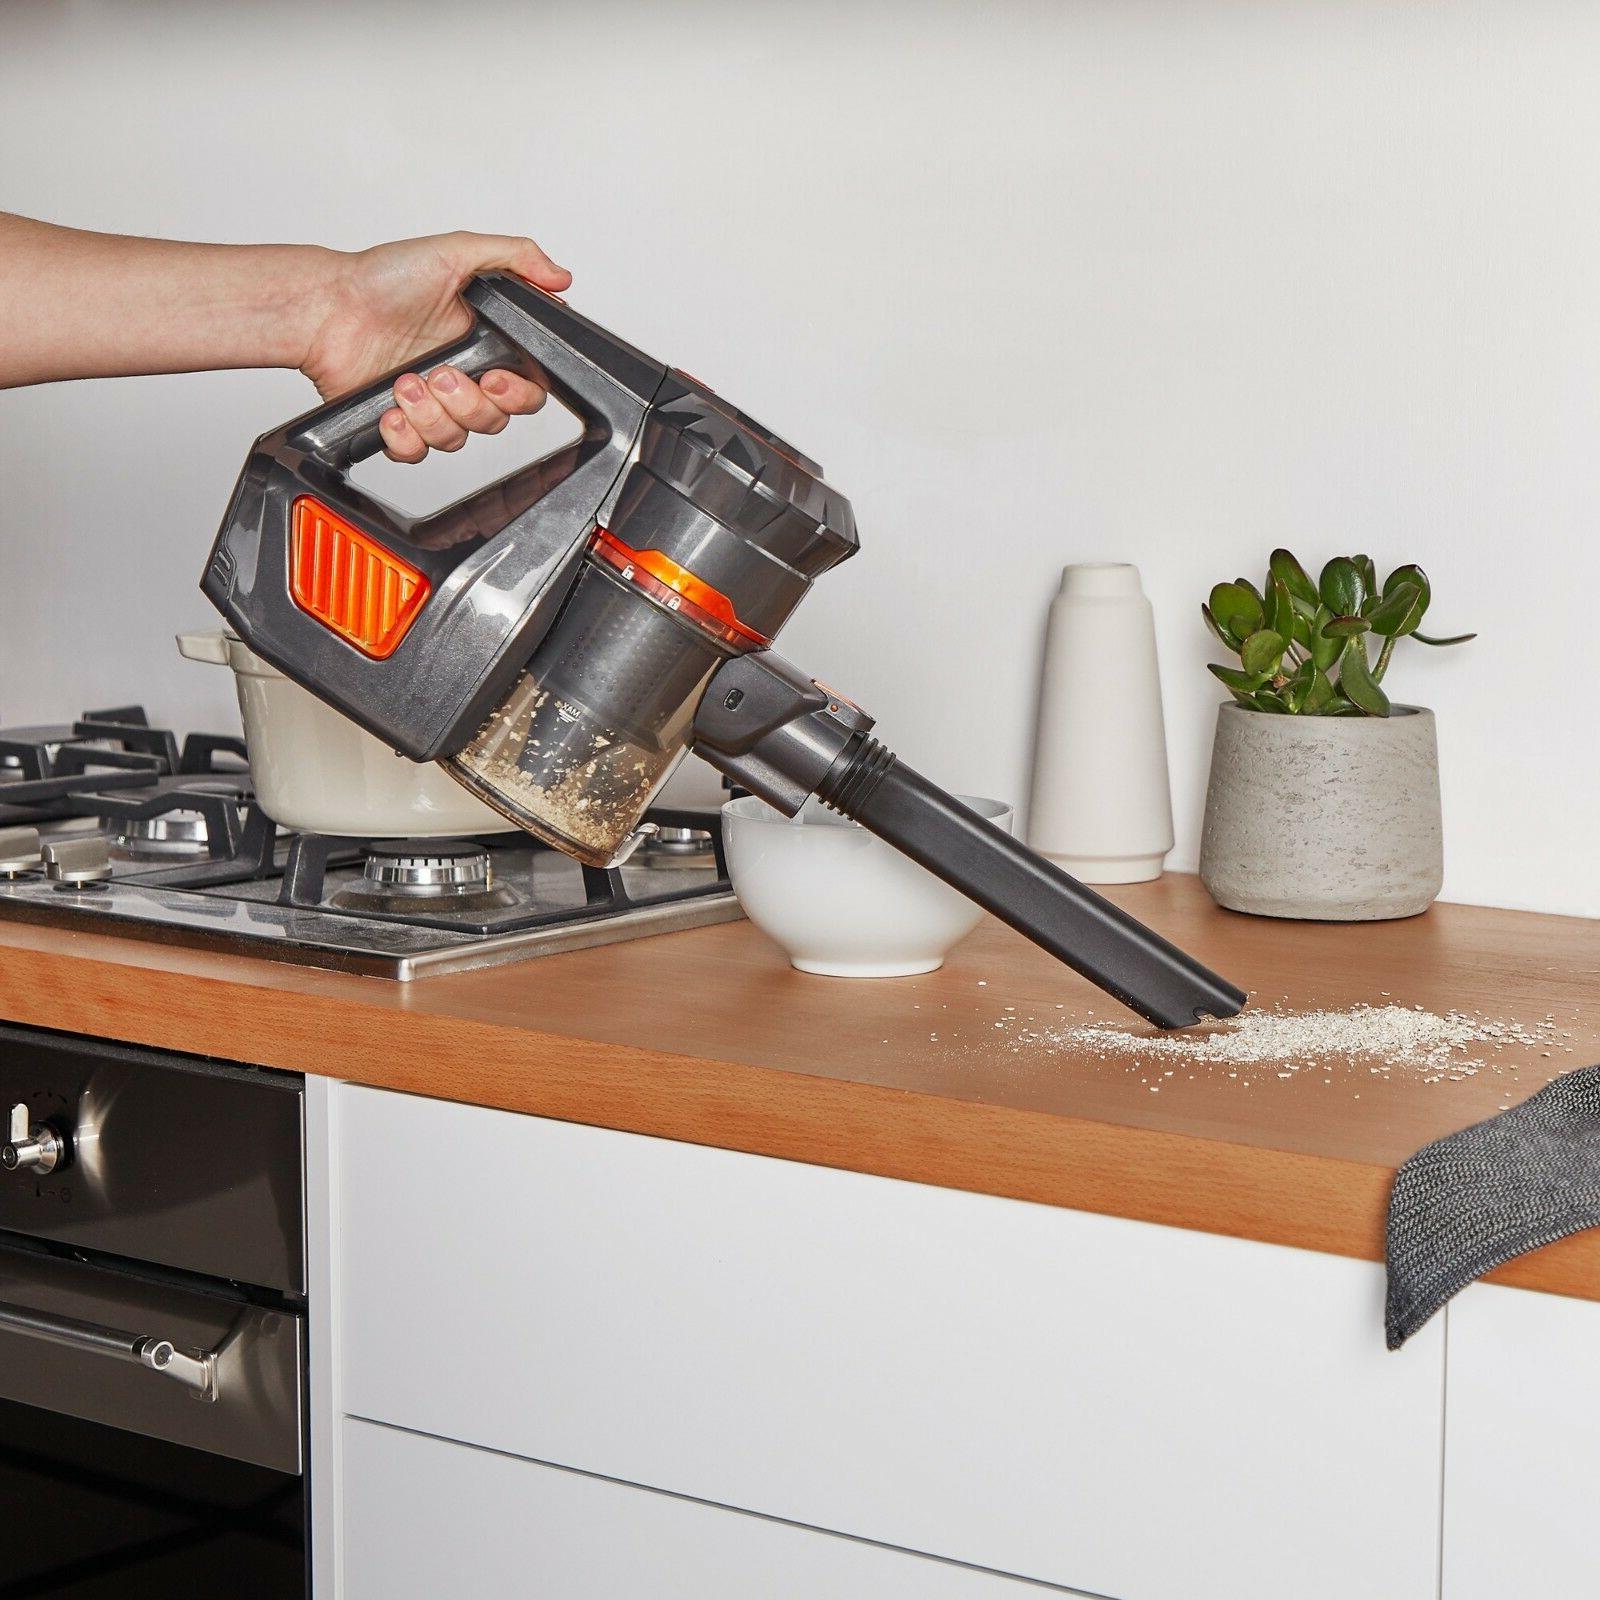 VonHaus Stick Vacuum HEPA